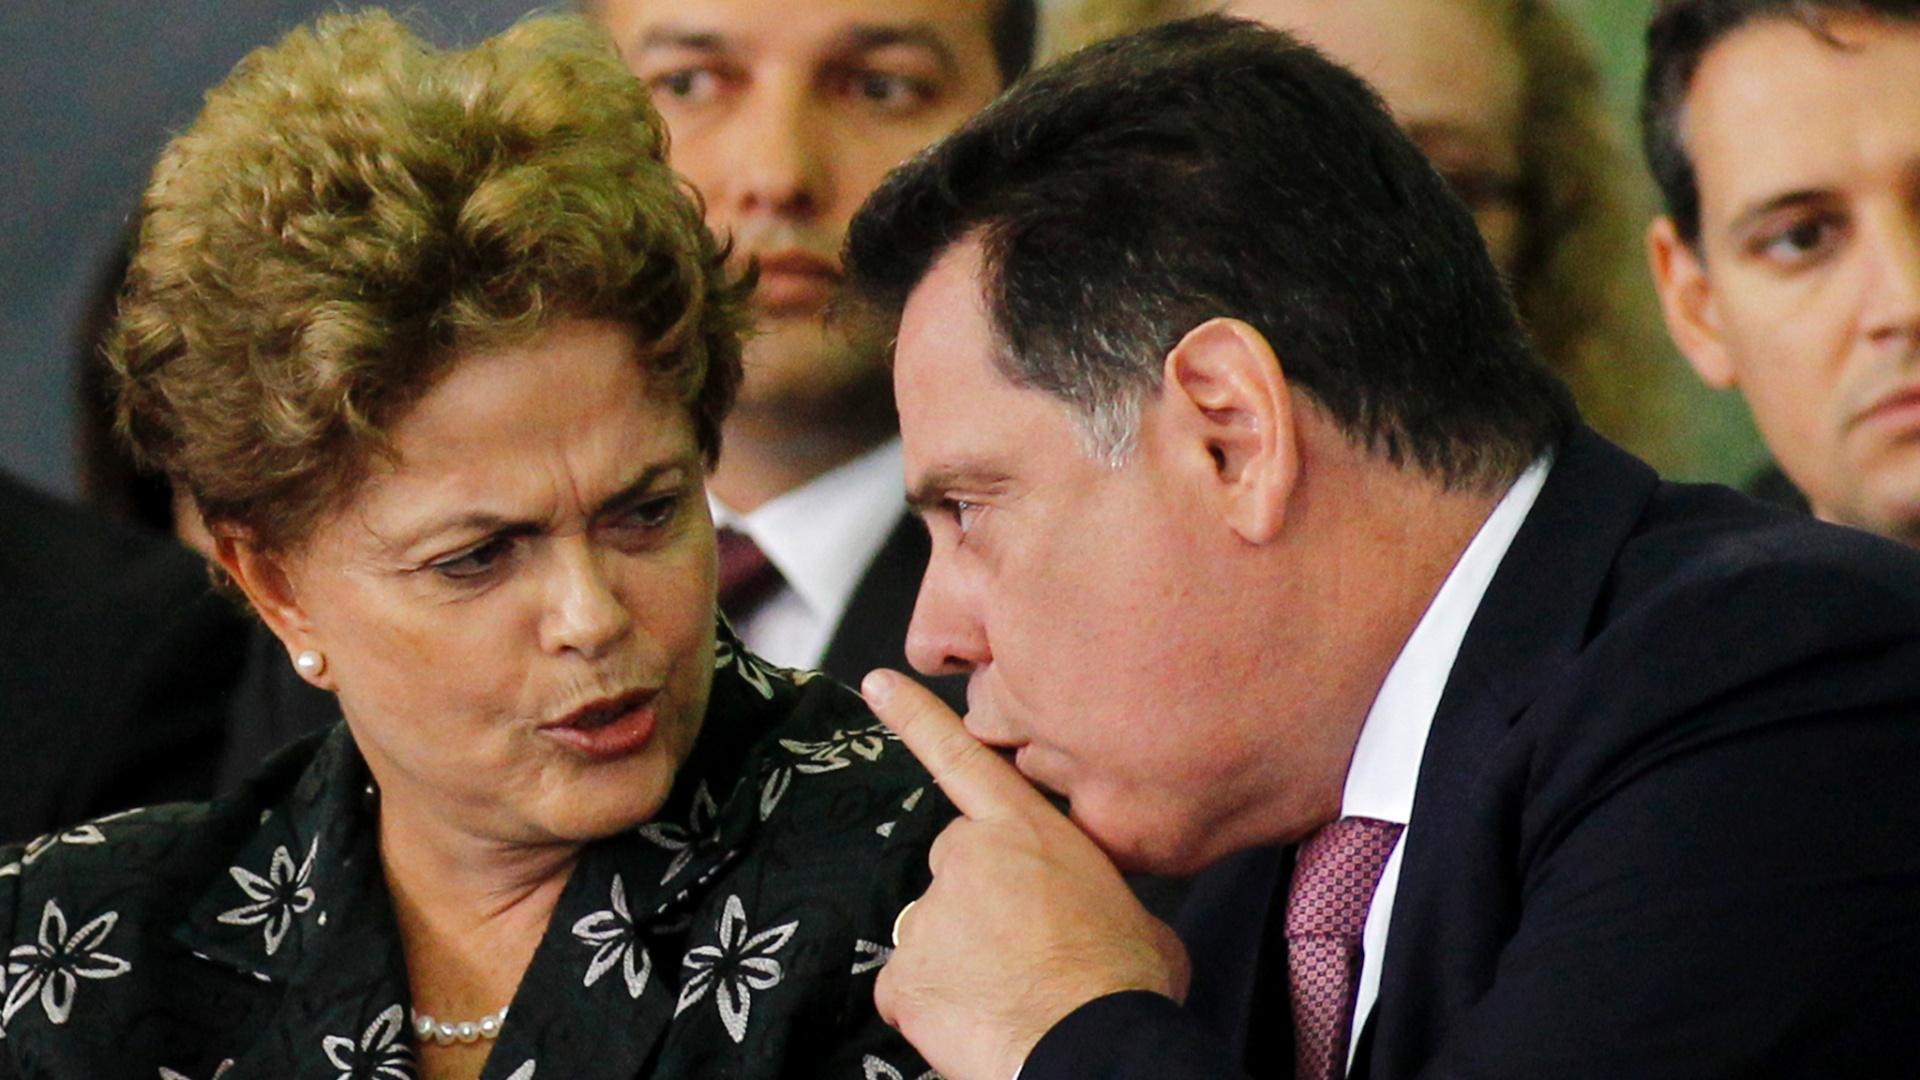 20.mar.2015 - A presidente Dilma, acompanhada do governador Marconi Perillo (Goiás), participa de cerimônia alusiva a assinatura de ordem de serviço de implantação do BRT - Norte-Sul, na sede da Prefeitura Municipal de Goiânia